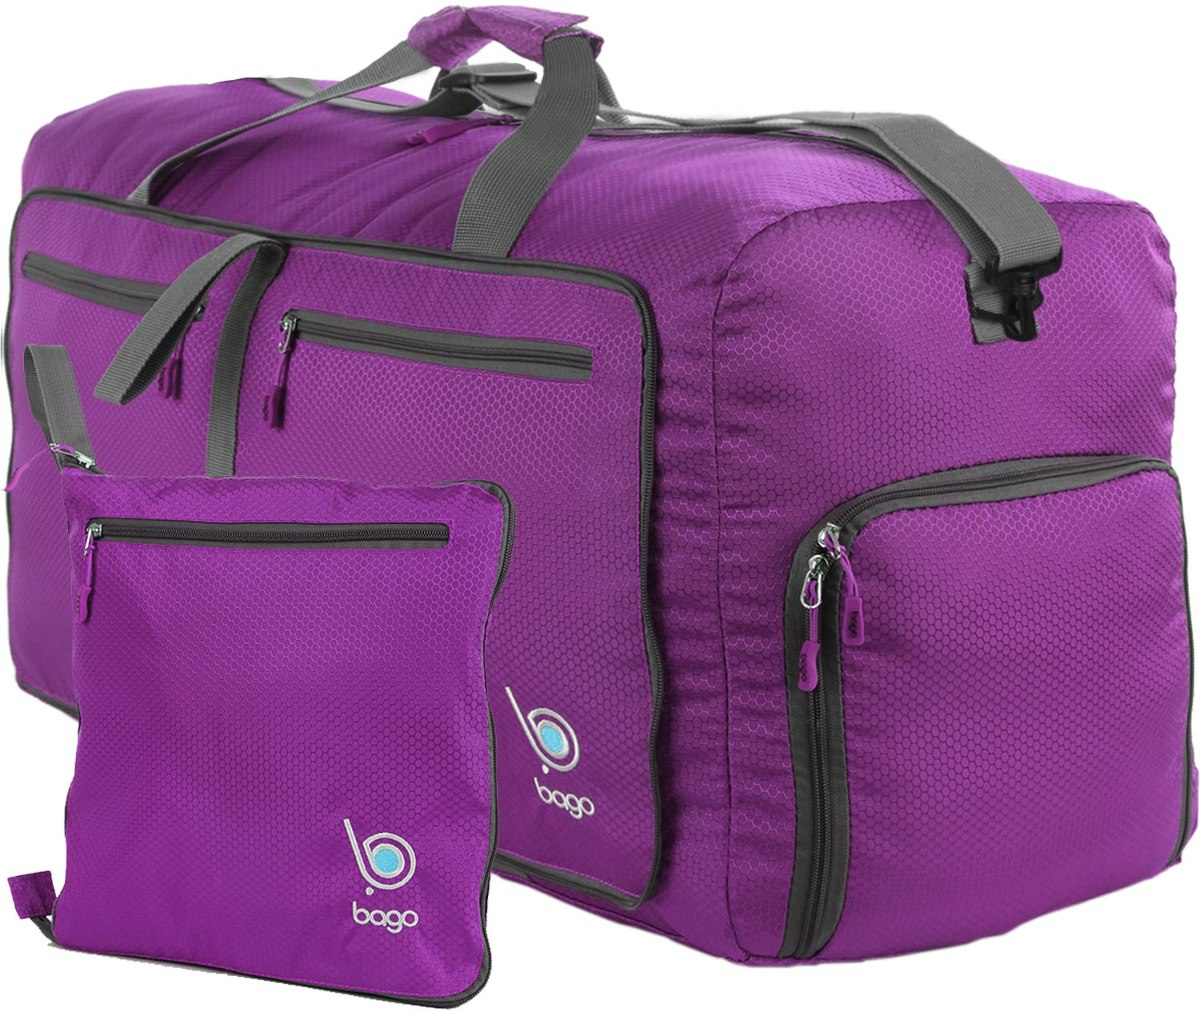 52aee0cd6 bolso de viaje bago travel para mujeres y hombres - bolso. Cargando zoom.